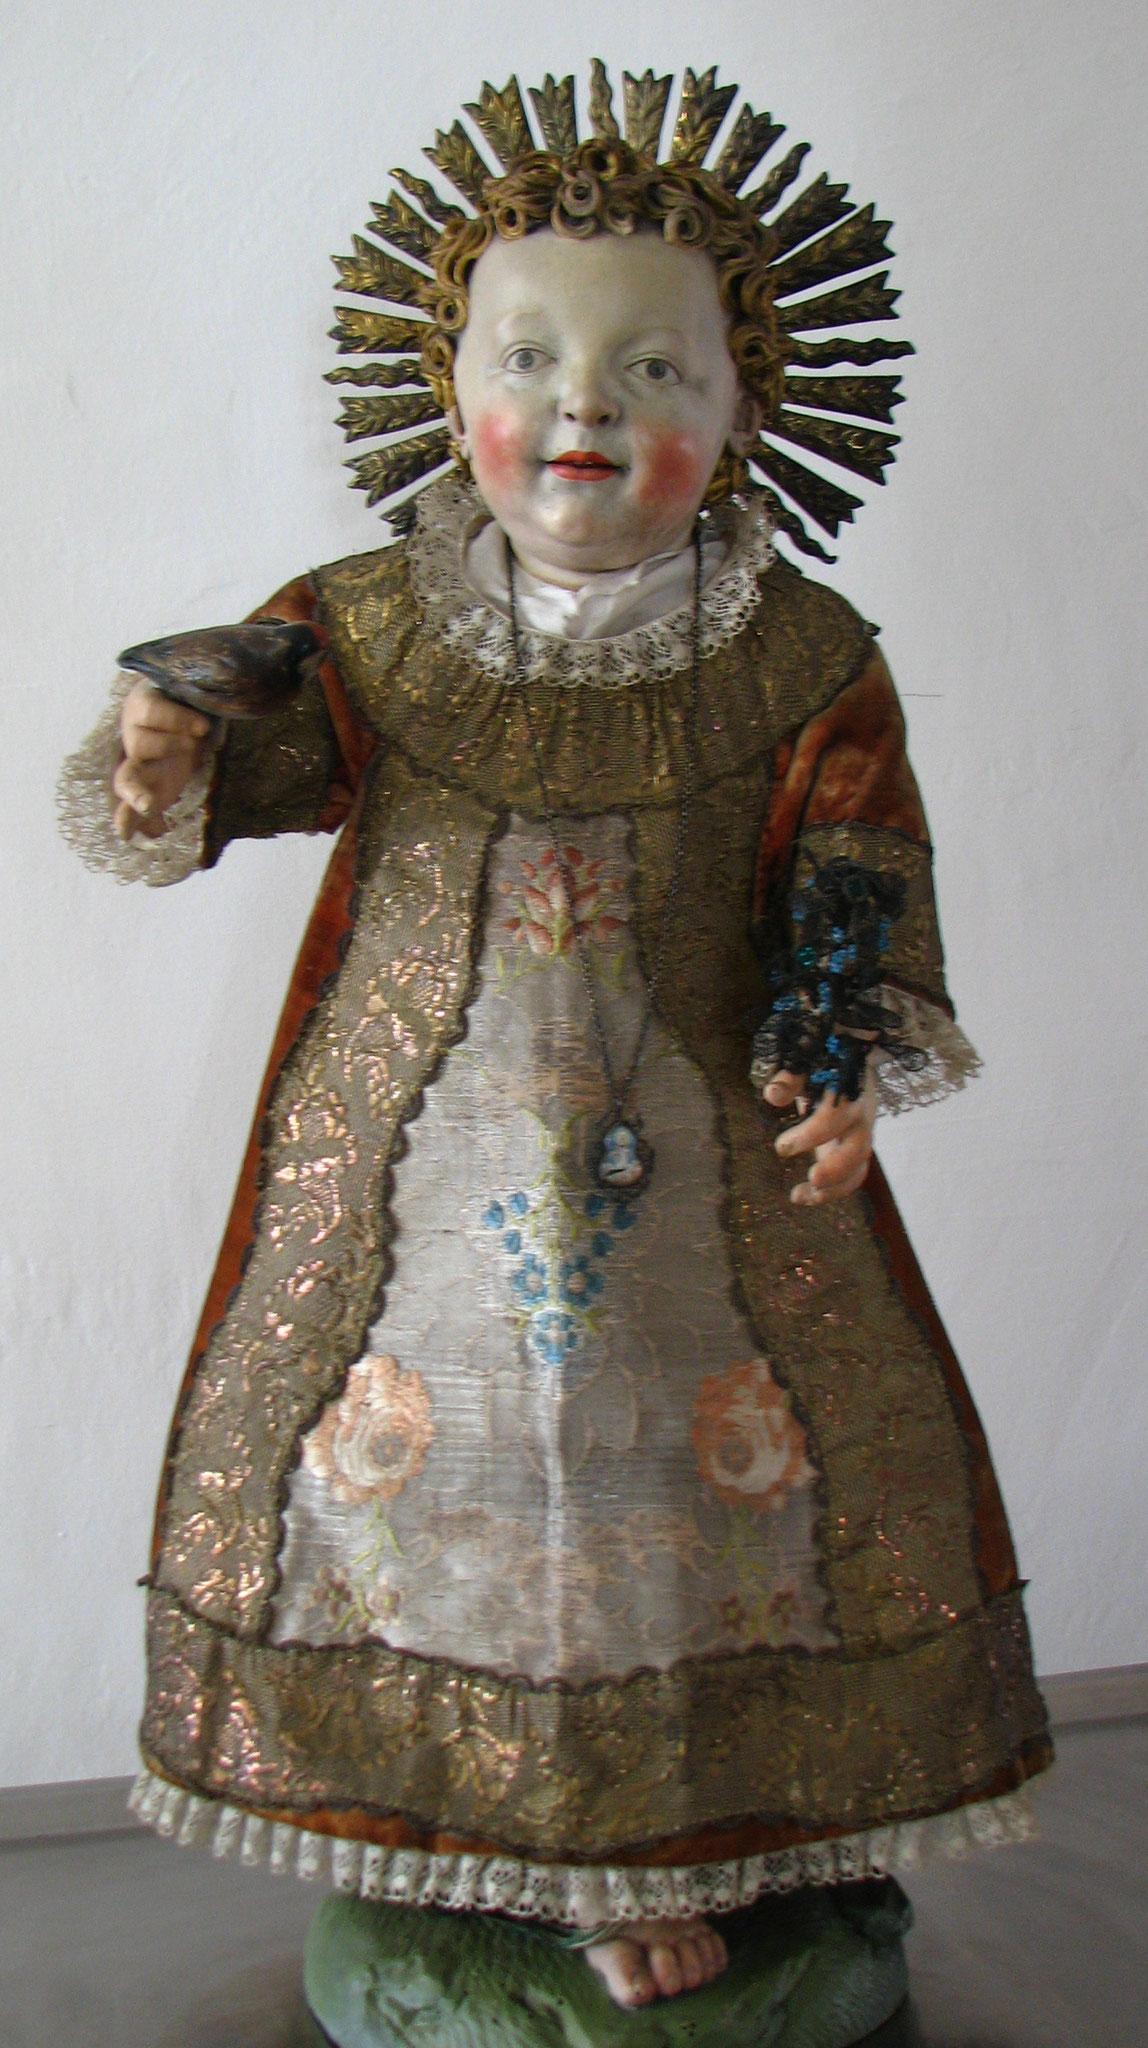 Jesulein, um 1510 Mindelheim, ehem. Franziskanerinnenkloster